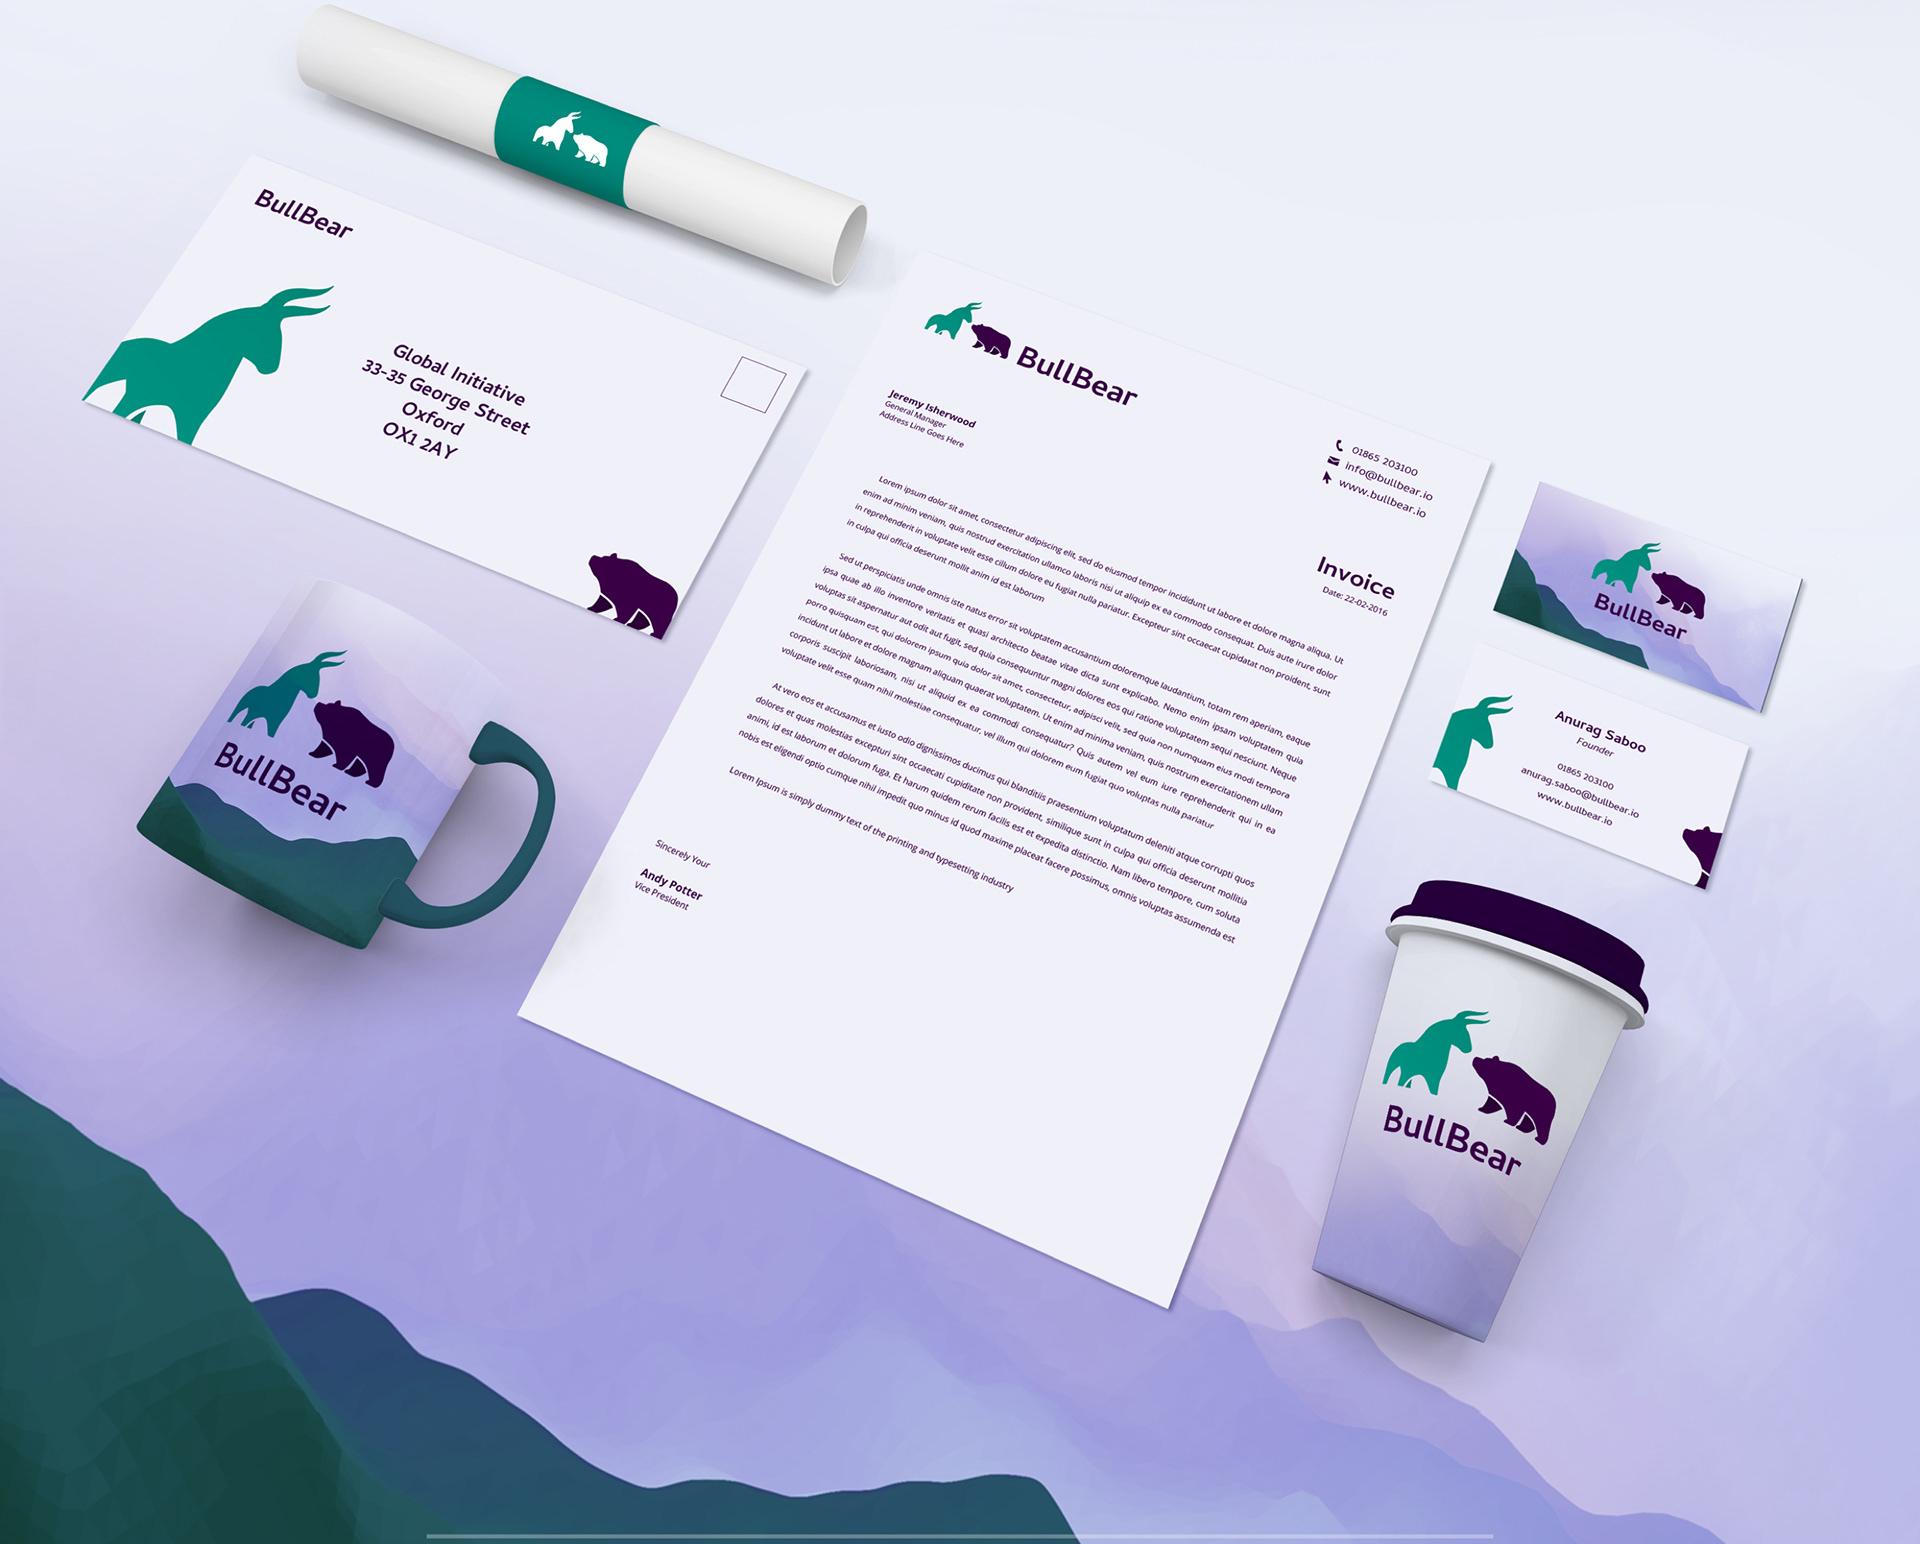 Bull Bear project 2